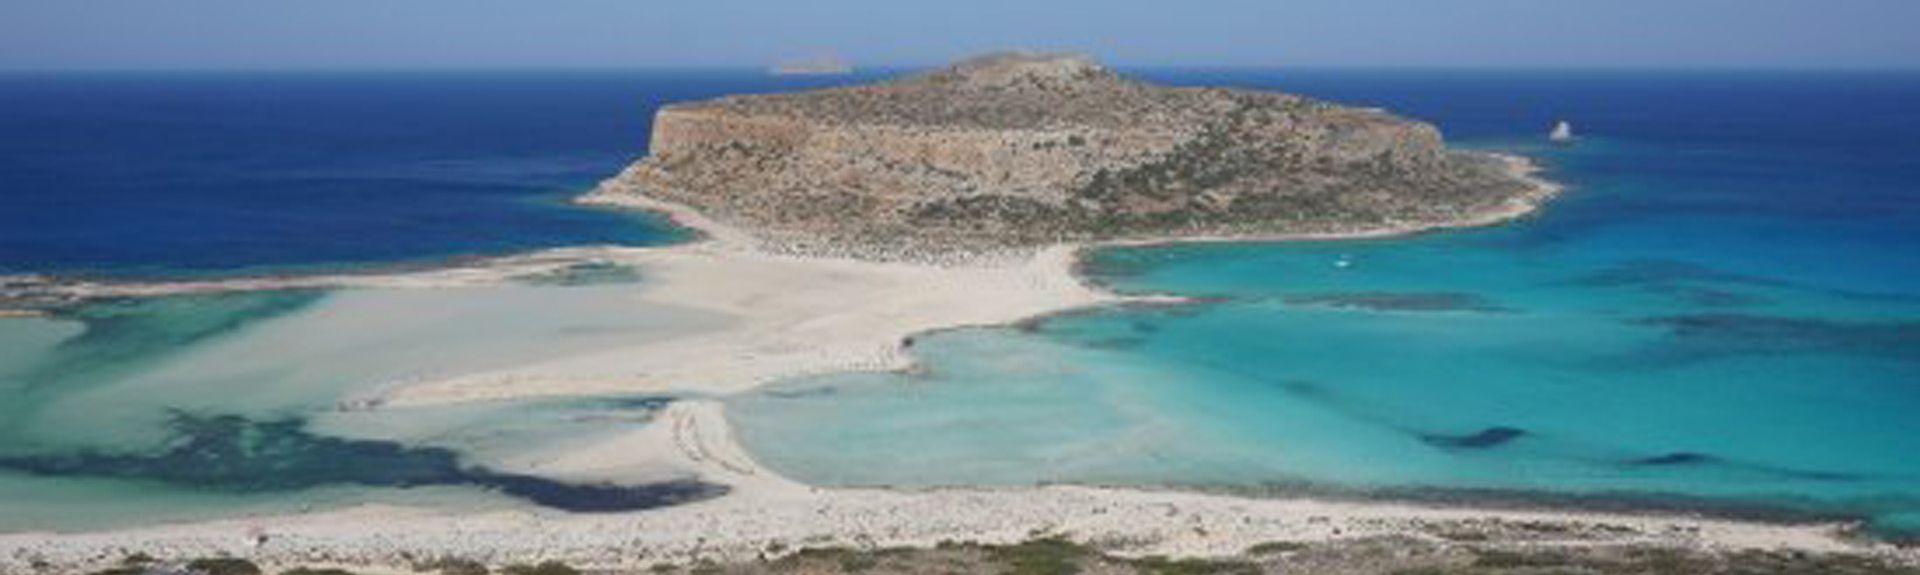 Balos Beach, Kissamos, Greece